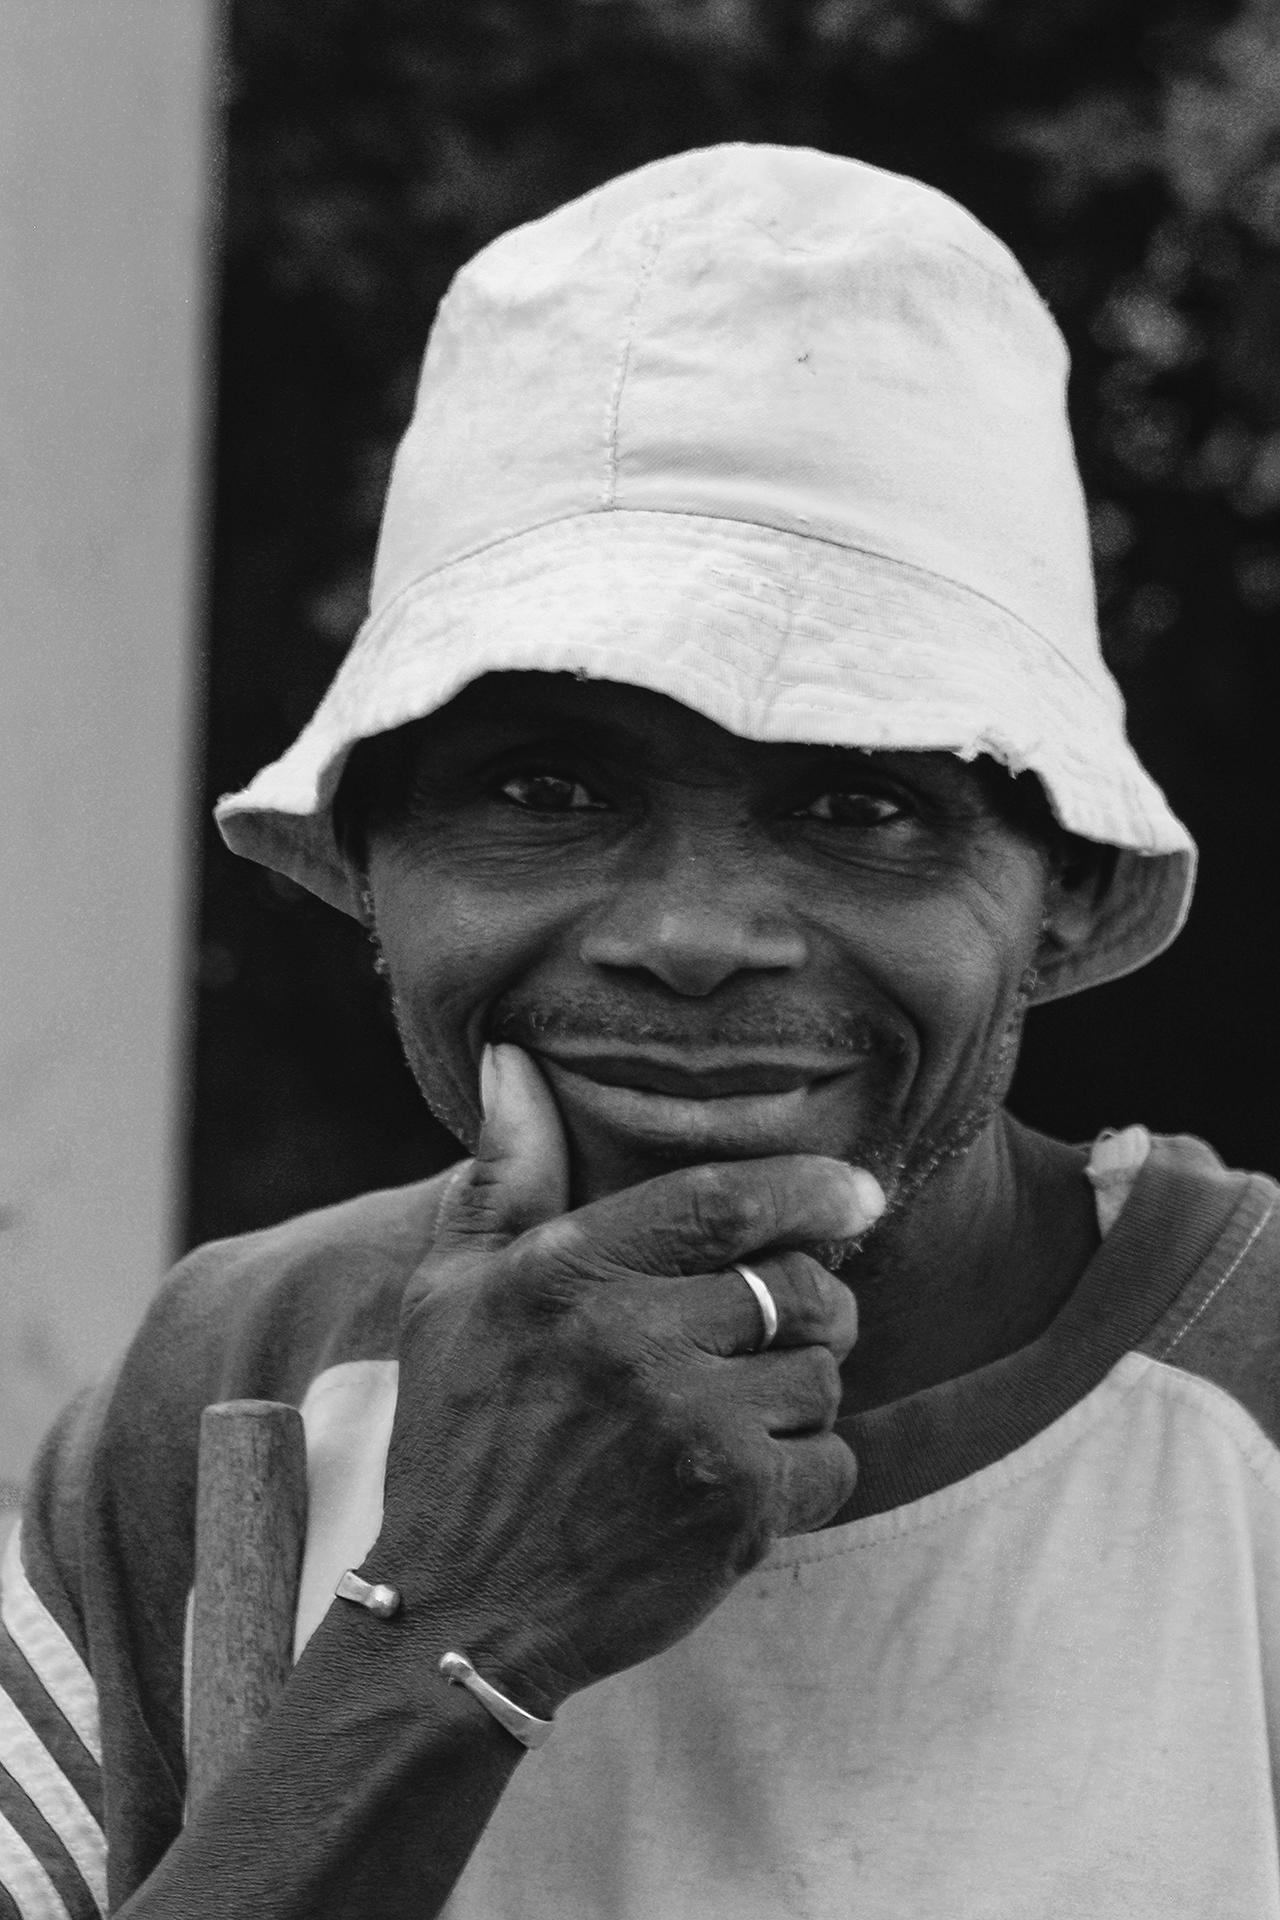 Pensif, le jardinier. 2007, BONGOUANOU, Côte d'Ivoire